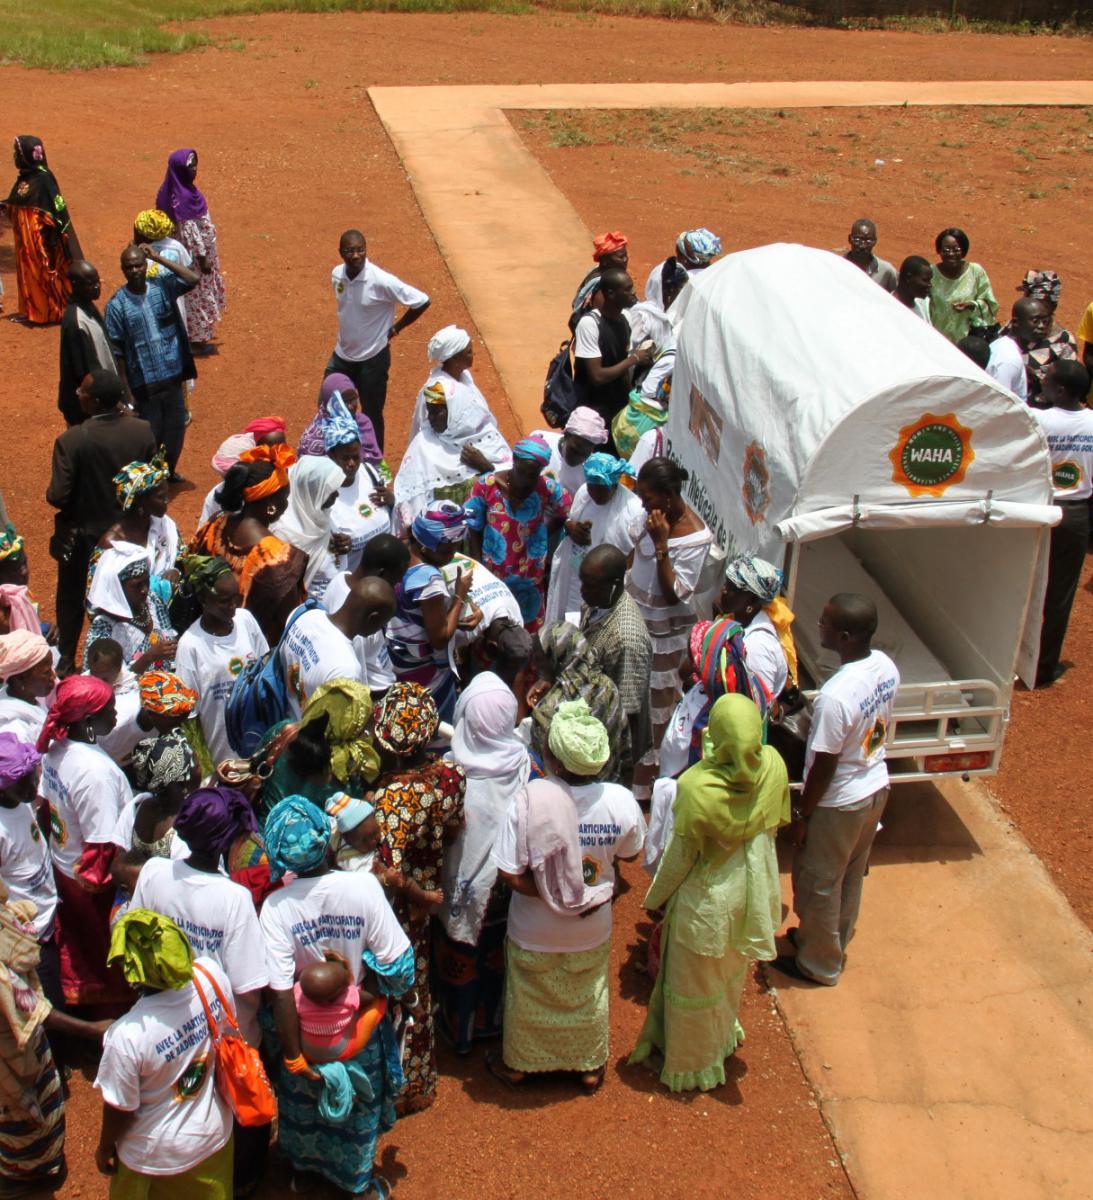 Une ambulance moto pour lutter contre la mortalité maternelle dans les zones rurales